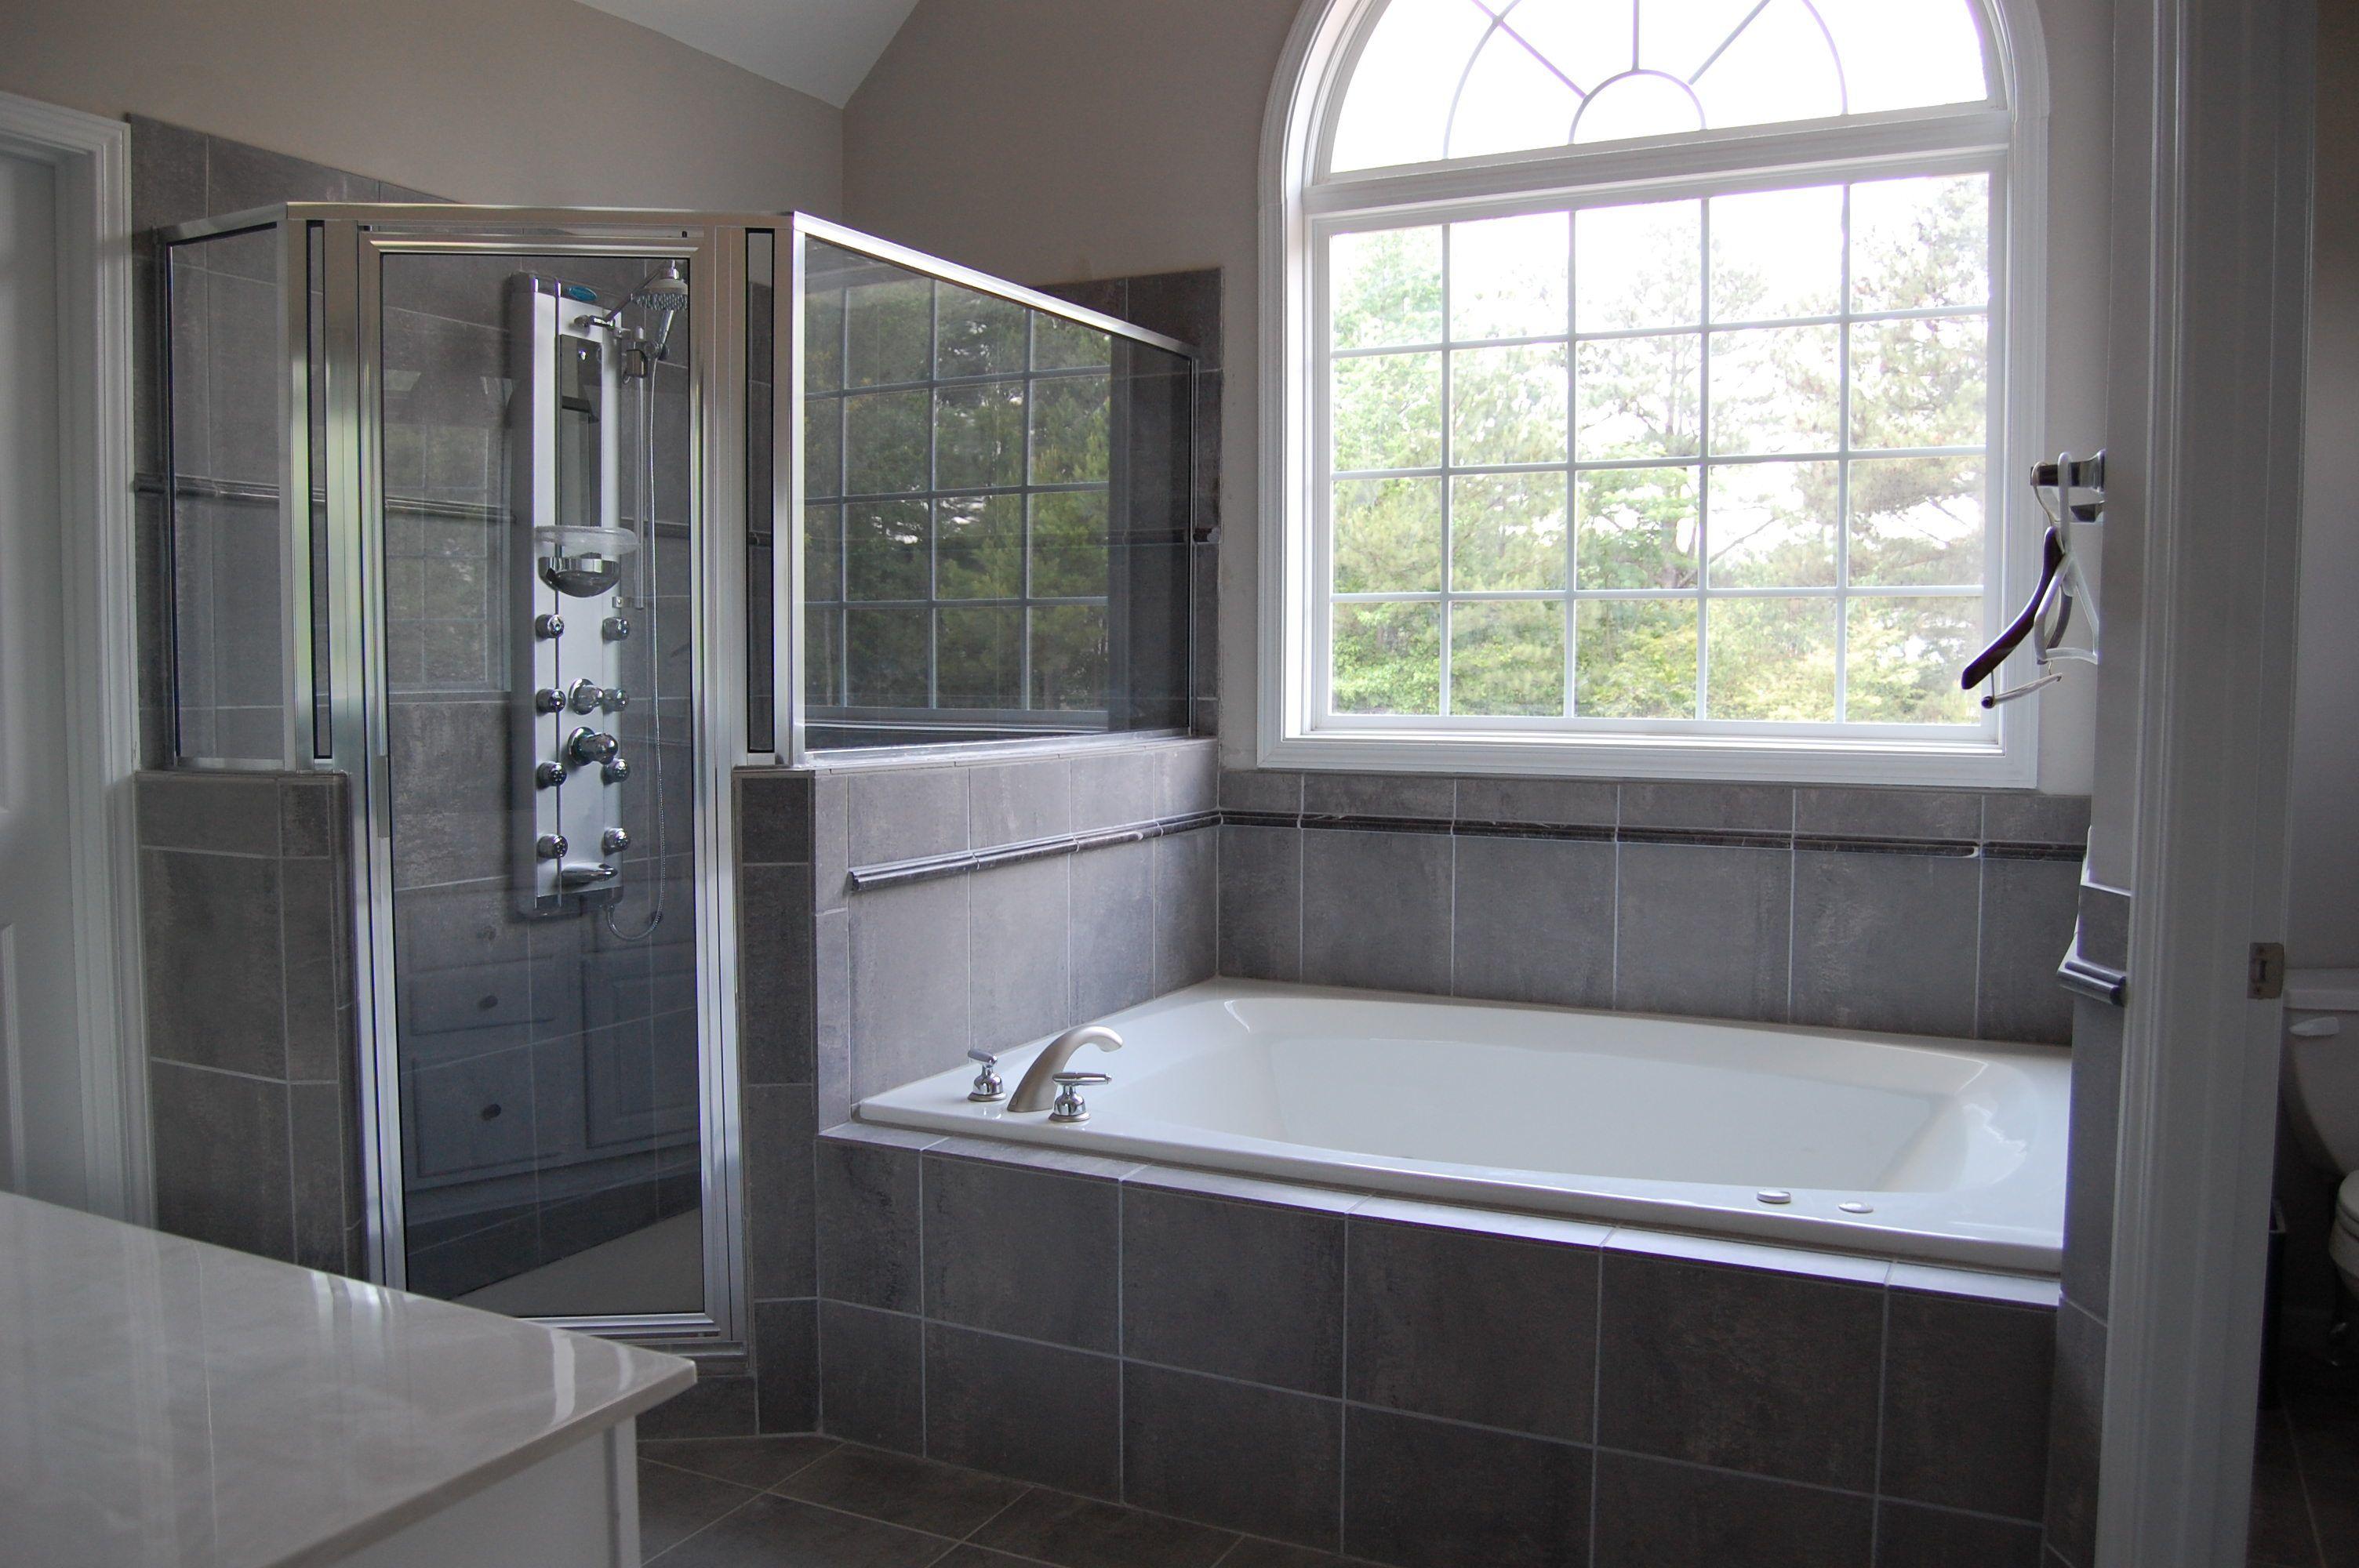 Bathroom Remodeling Home Depot